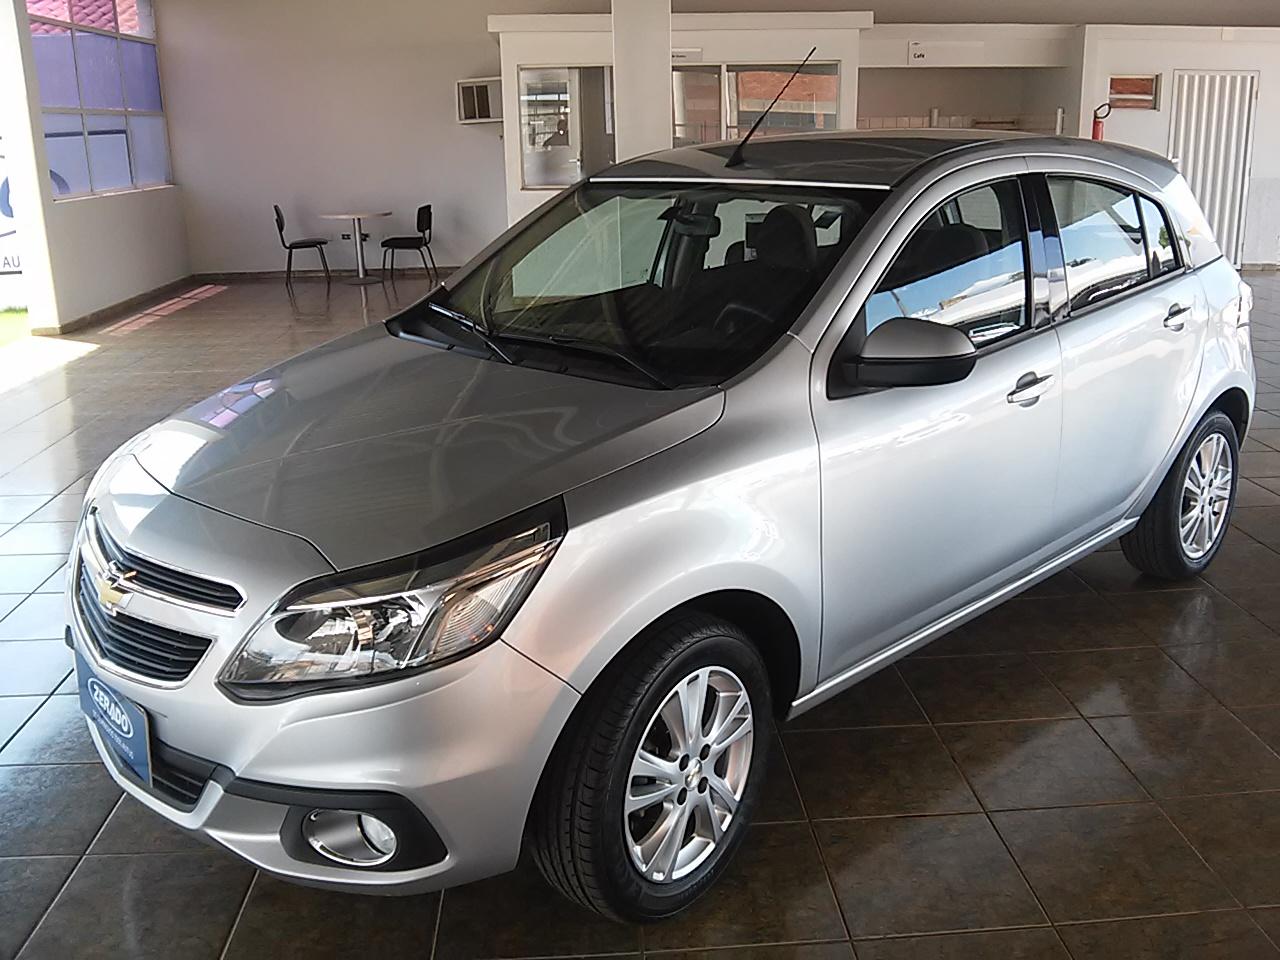 Chevrolet AGILE 1.4 MT LTZ 1,4 2014